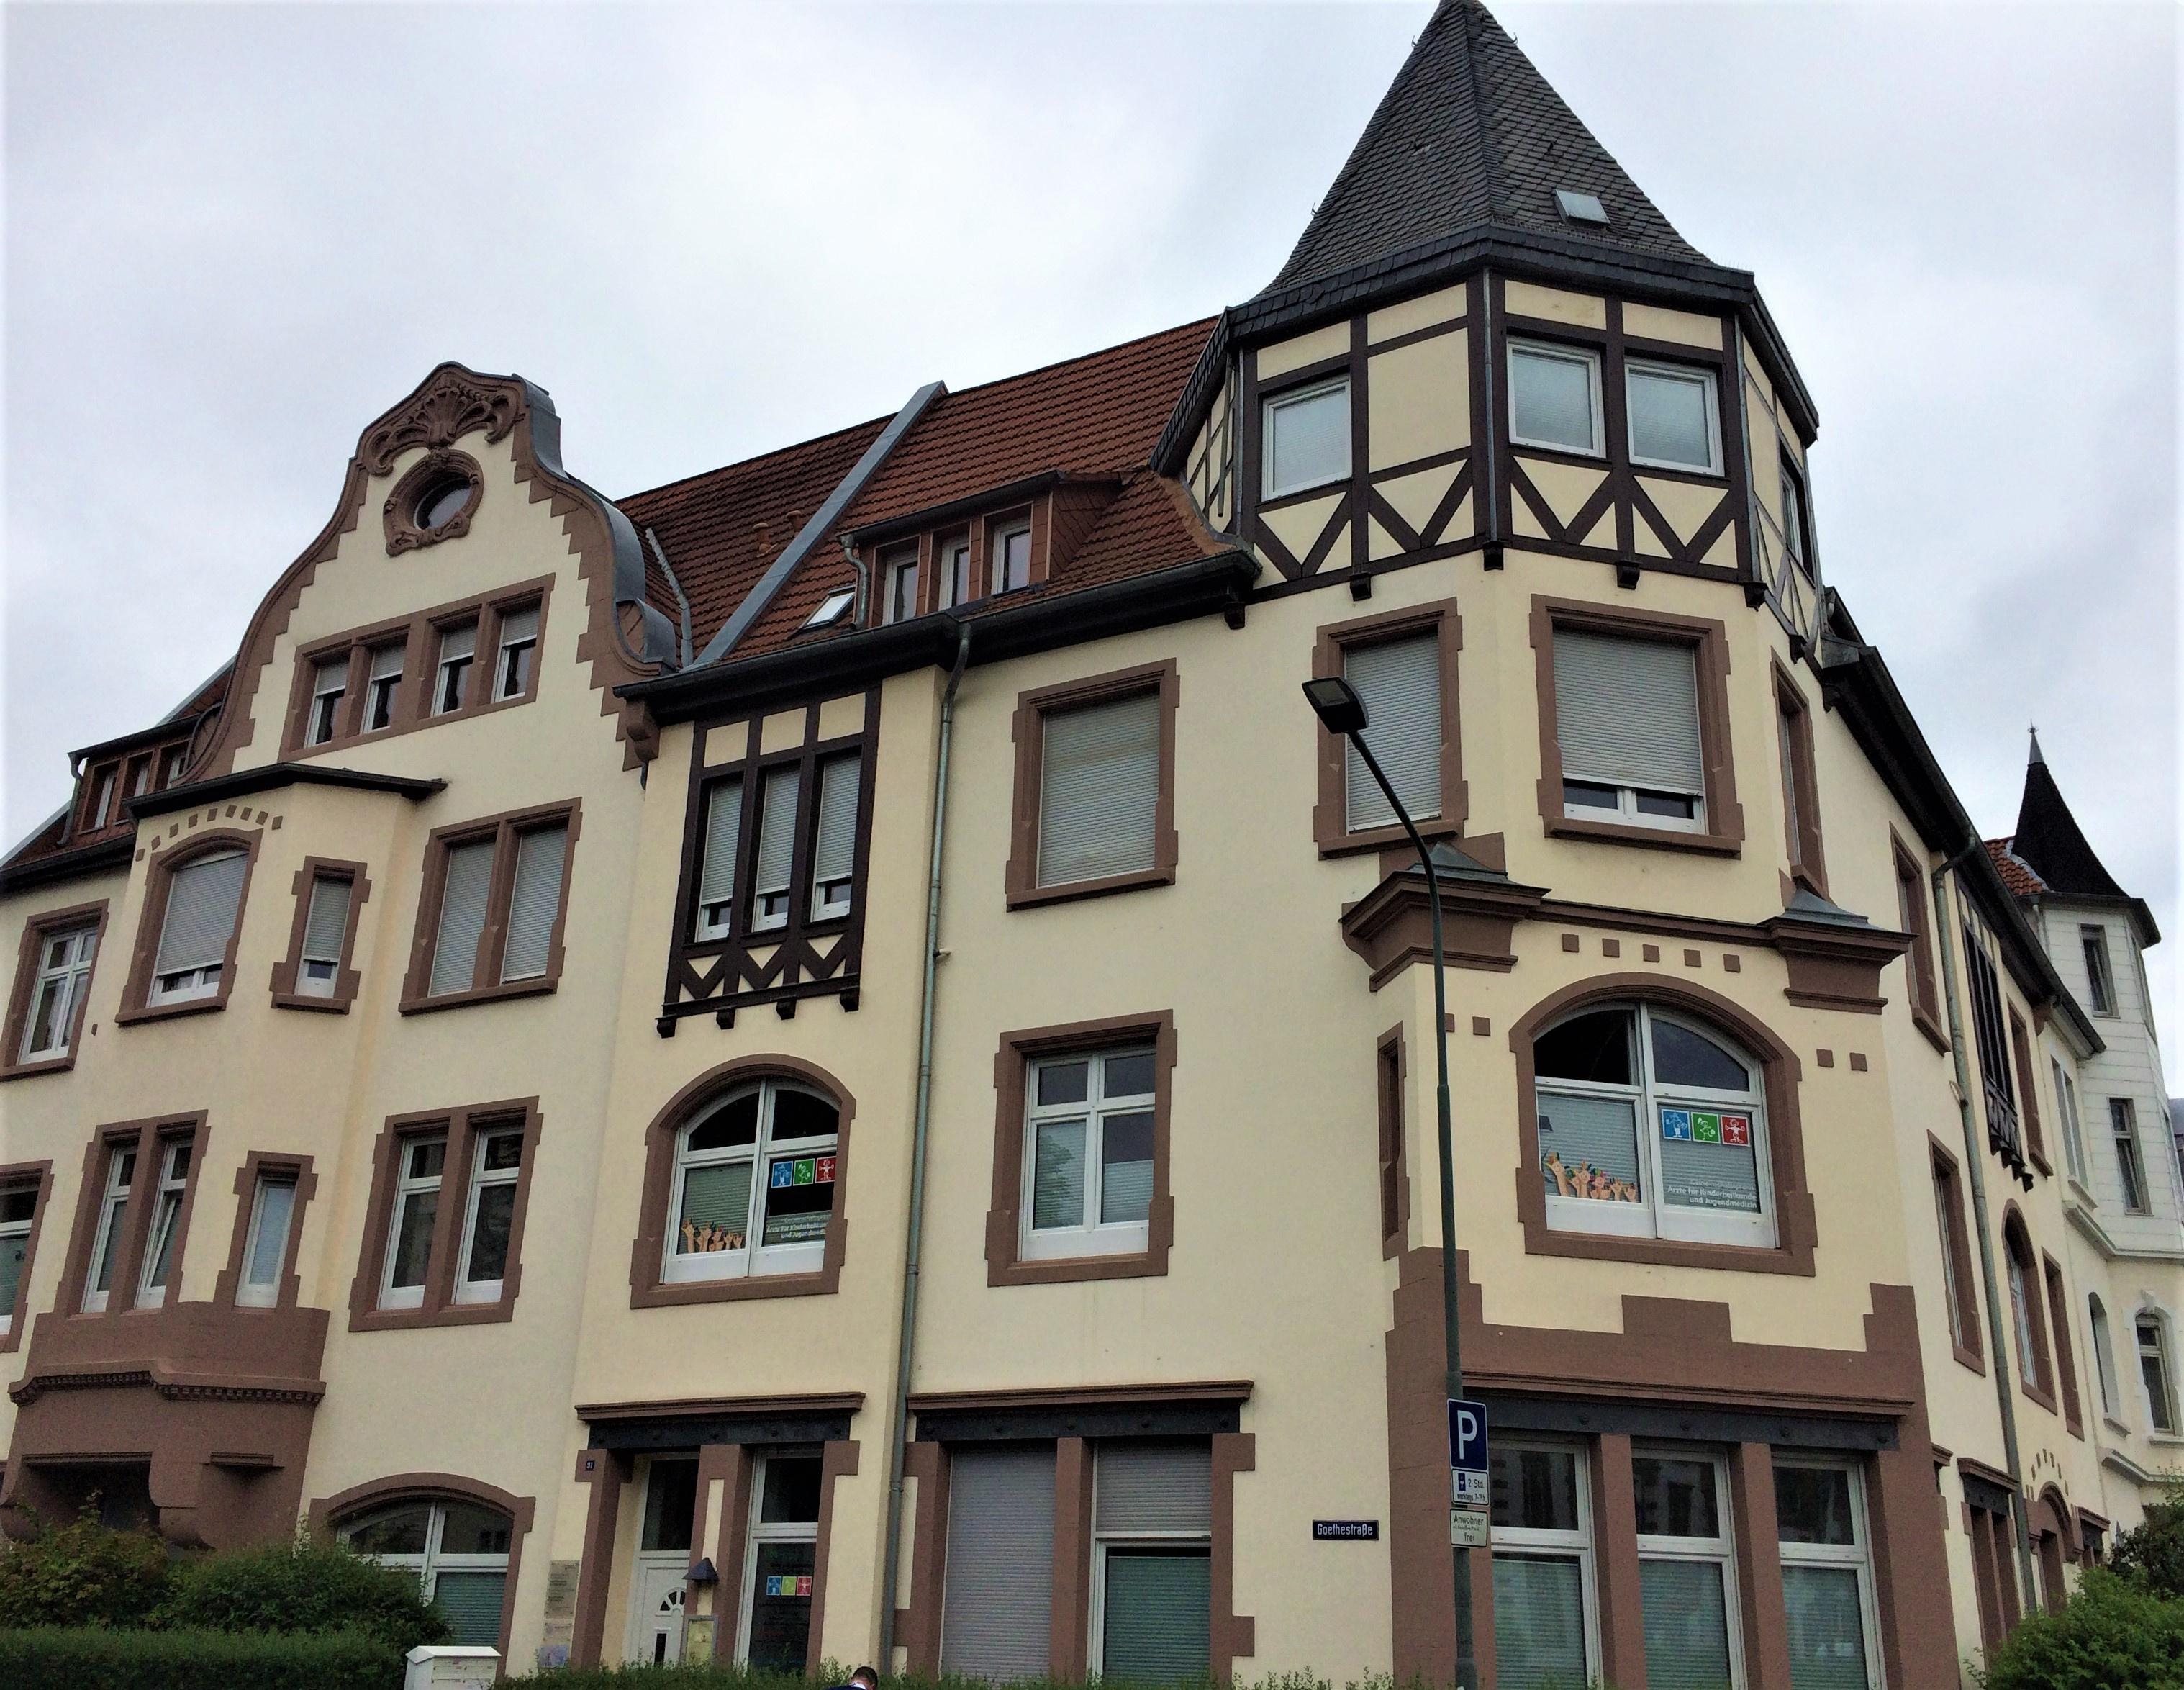 Gemeindeamt  Neunkirchen. Goethestraße 29-31zengasse 6